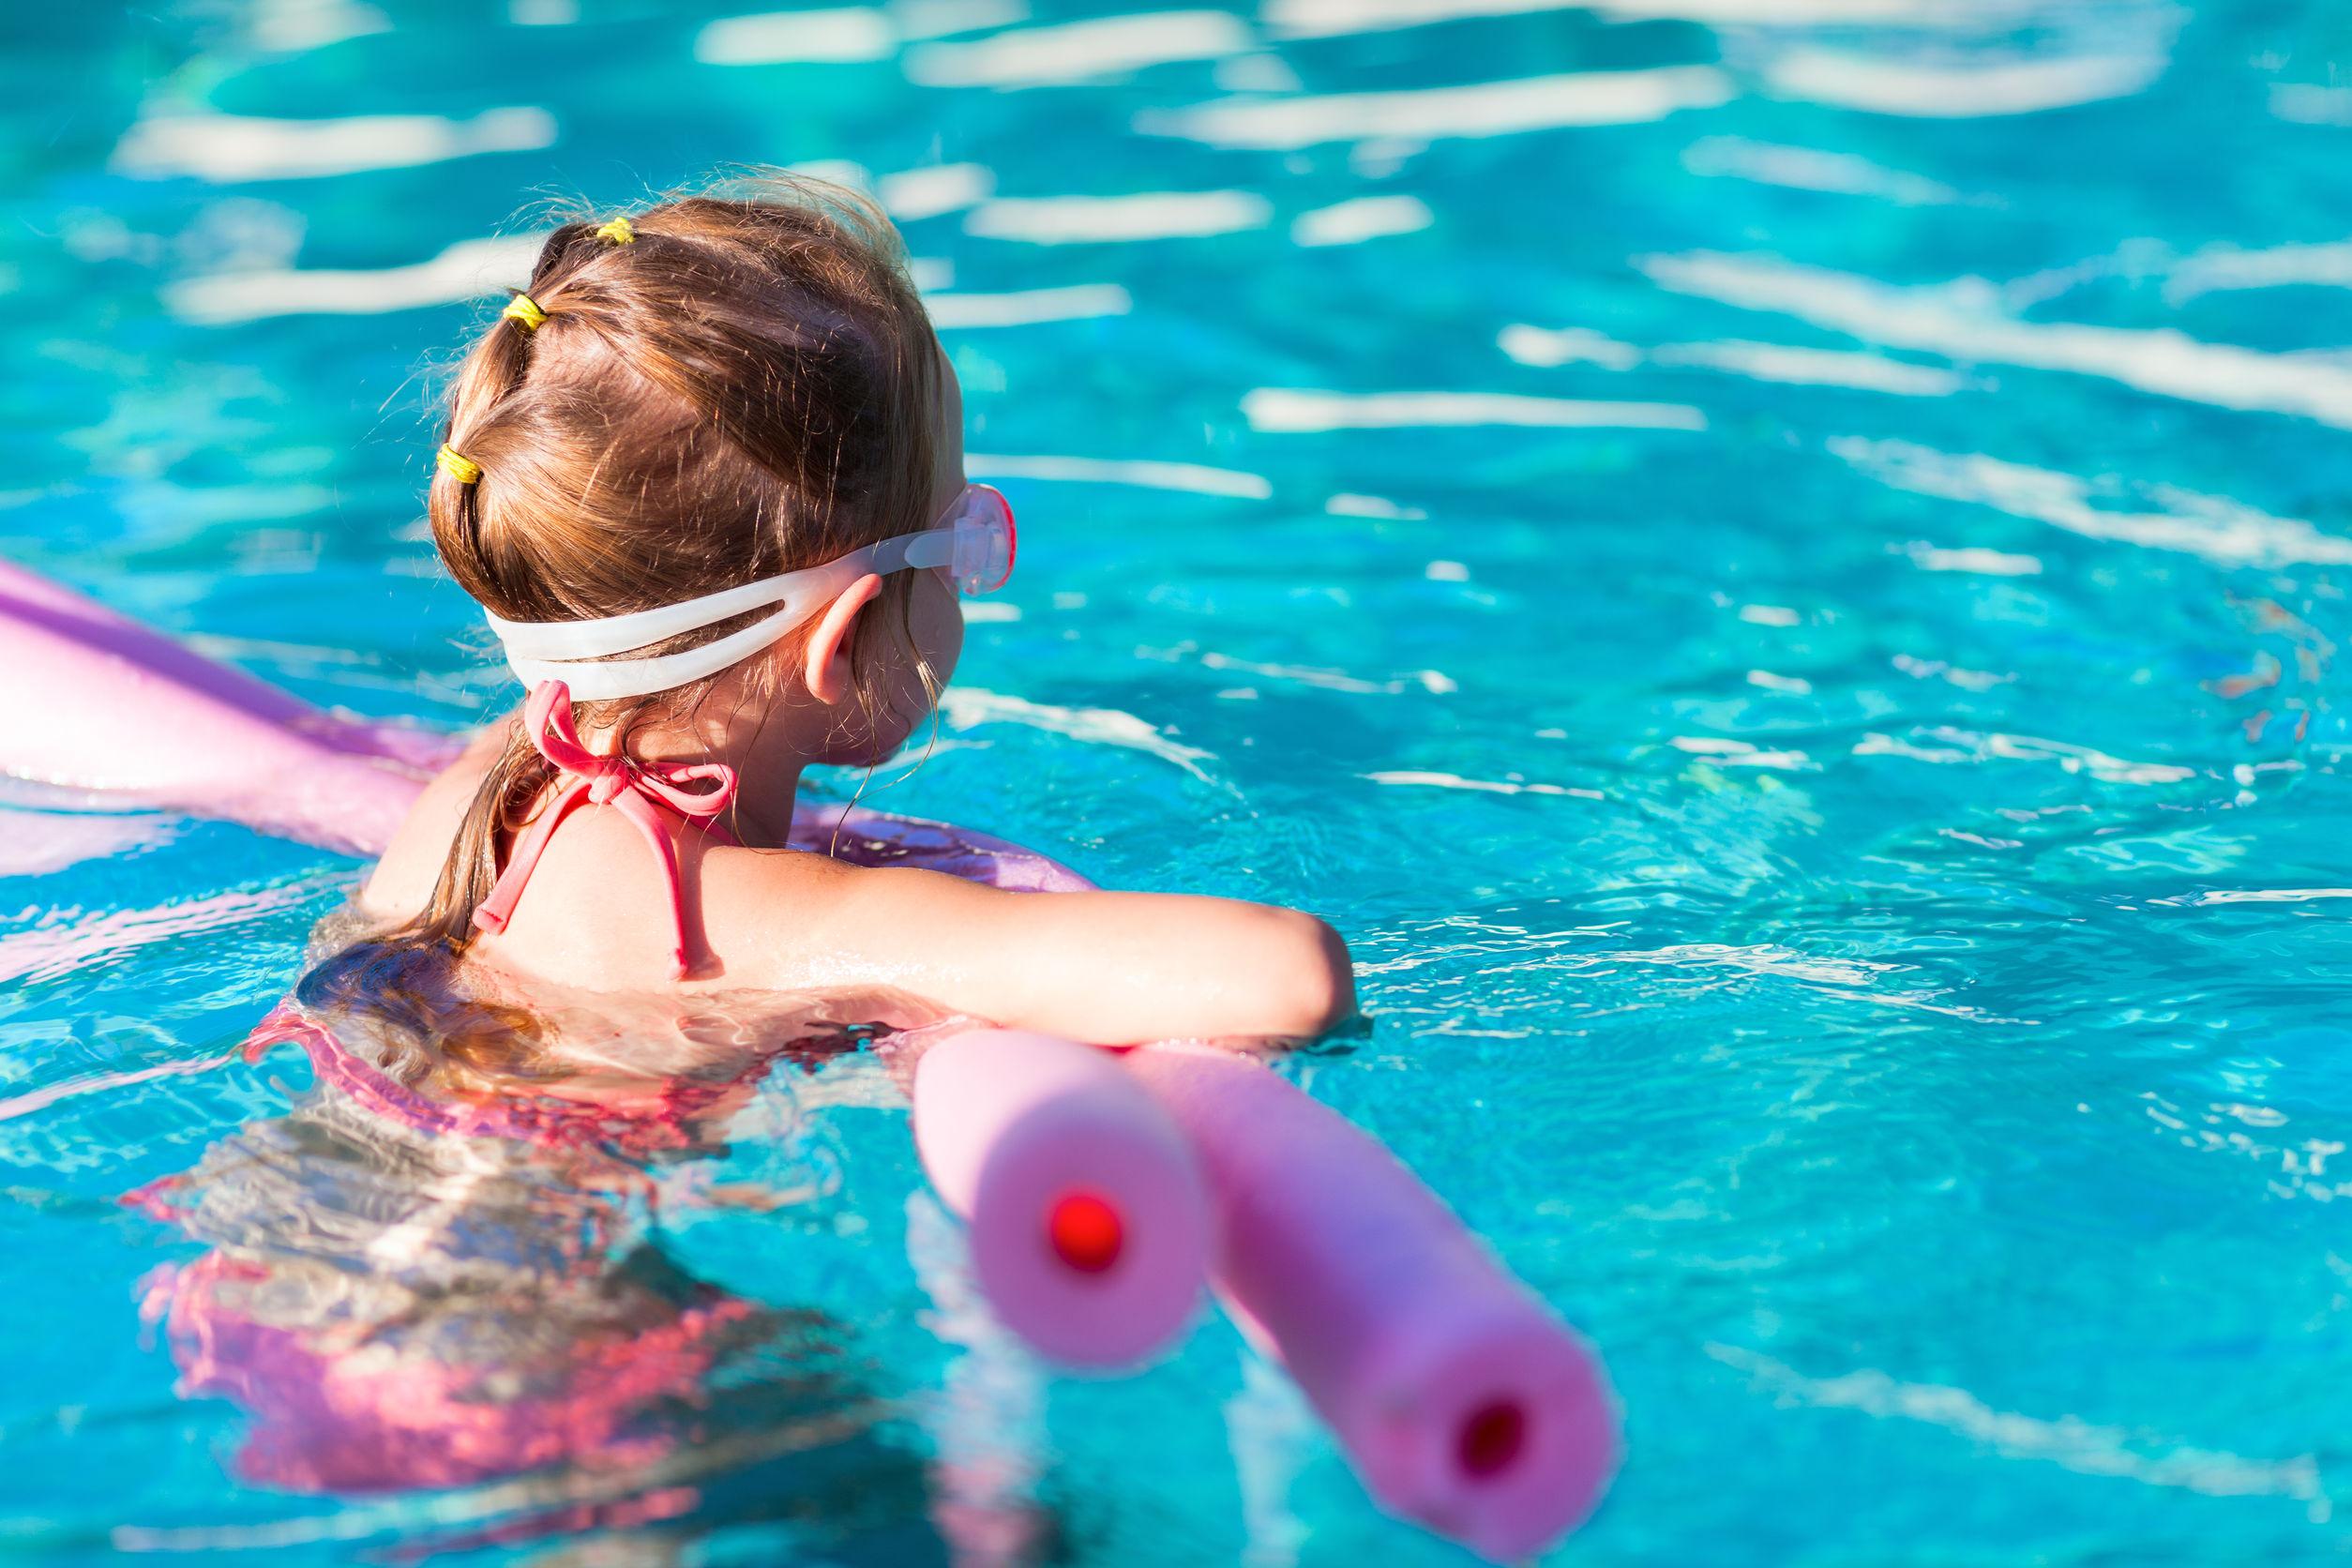 Gyermekbarát wellness foglalkozás a medencében